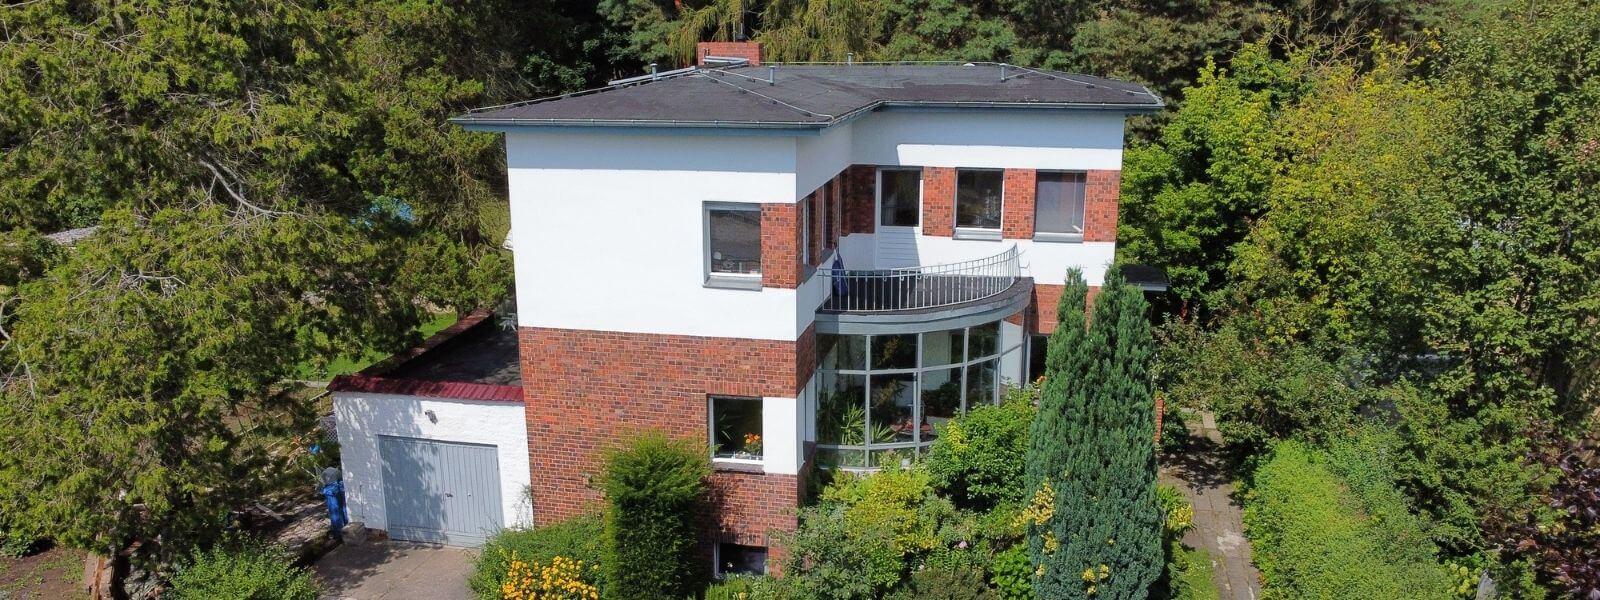 Luftaufnahme eines Einfamilienhauses in Rahnsdorf in Berlin.